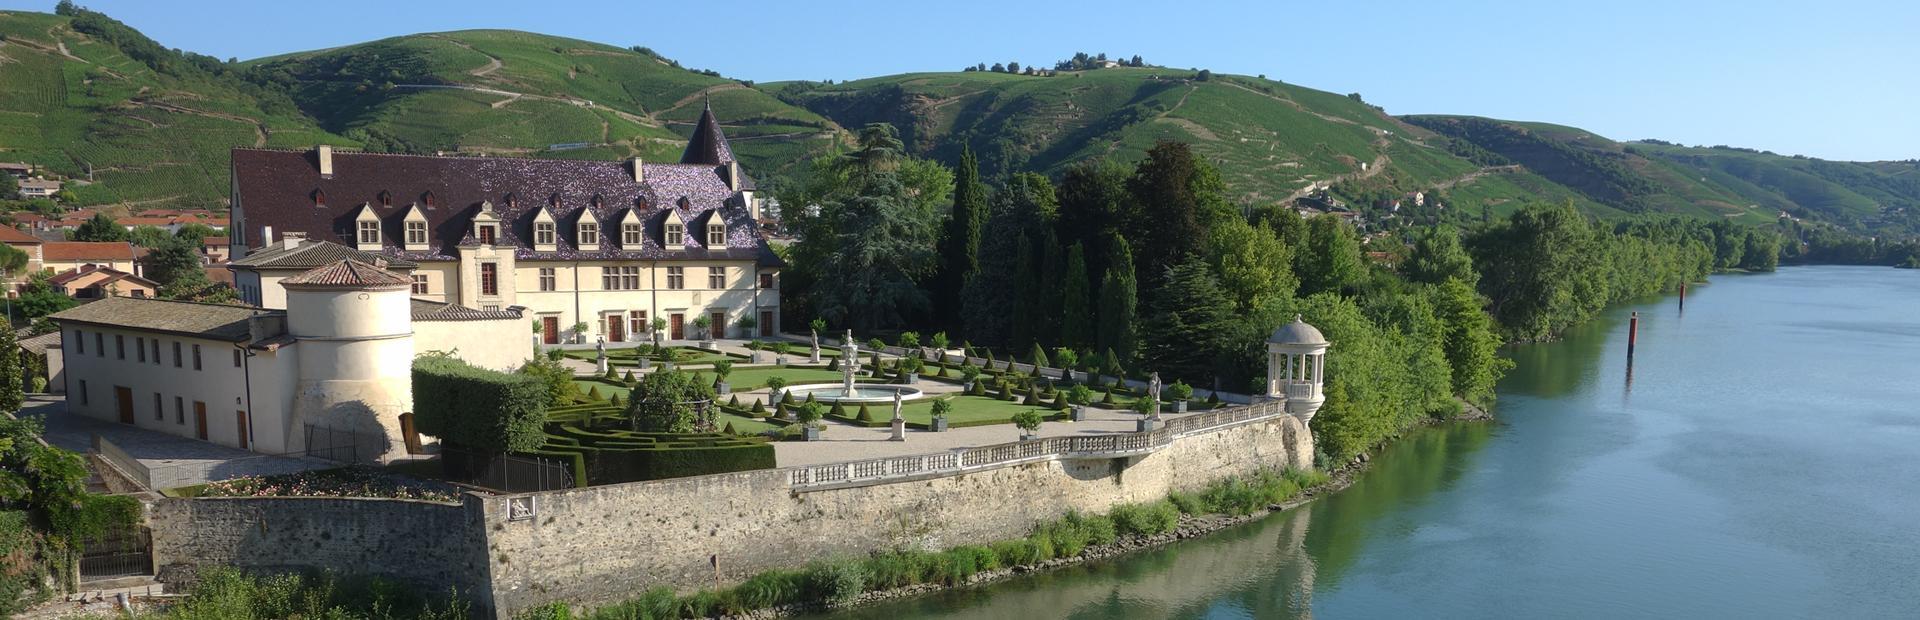 Cave À Vin Palette vins guigal : vins cotes du rhône, ampuis, côte-rôtie